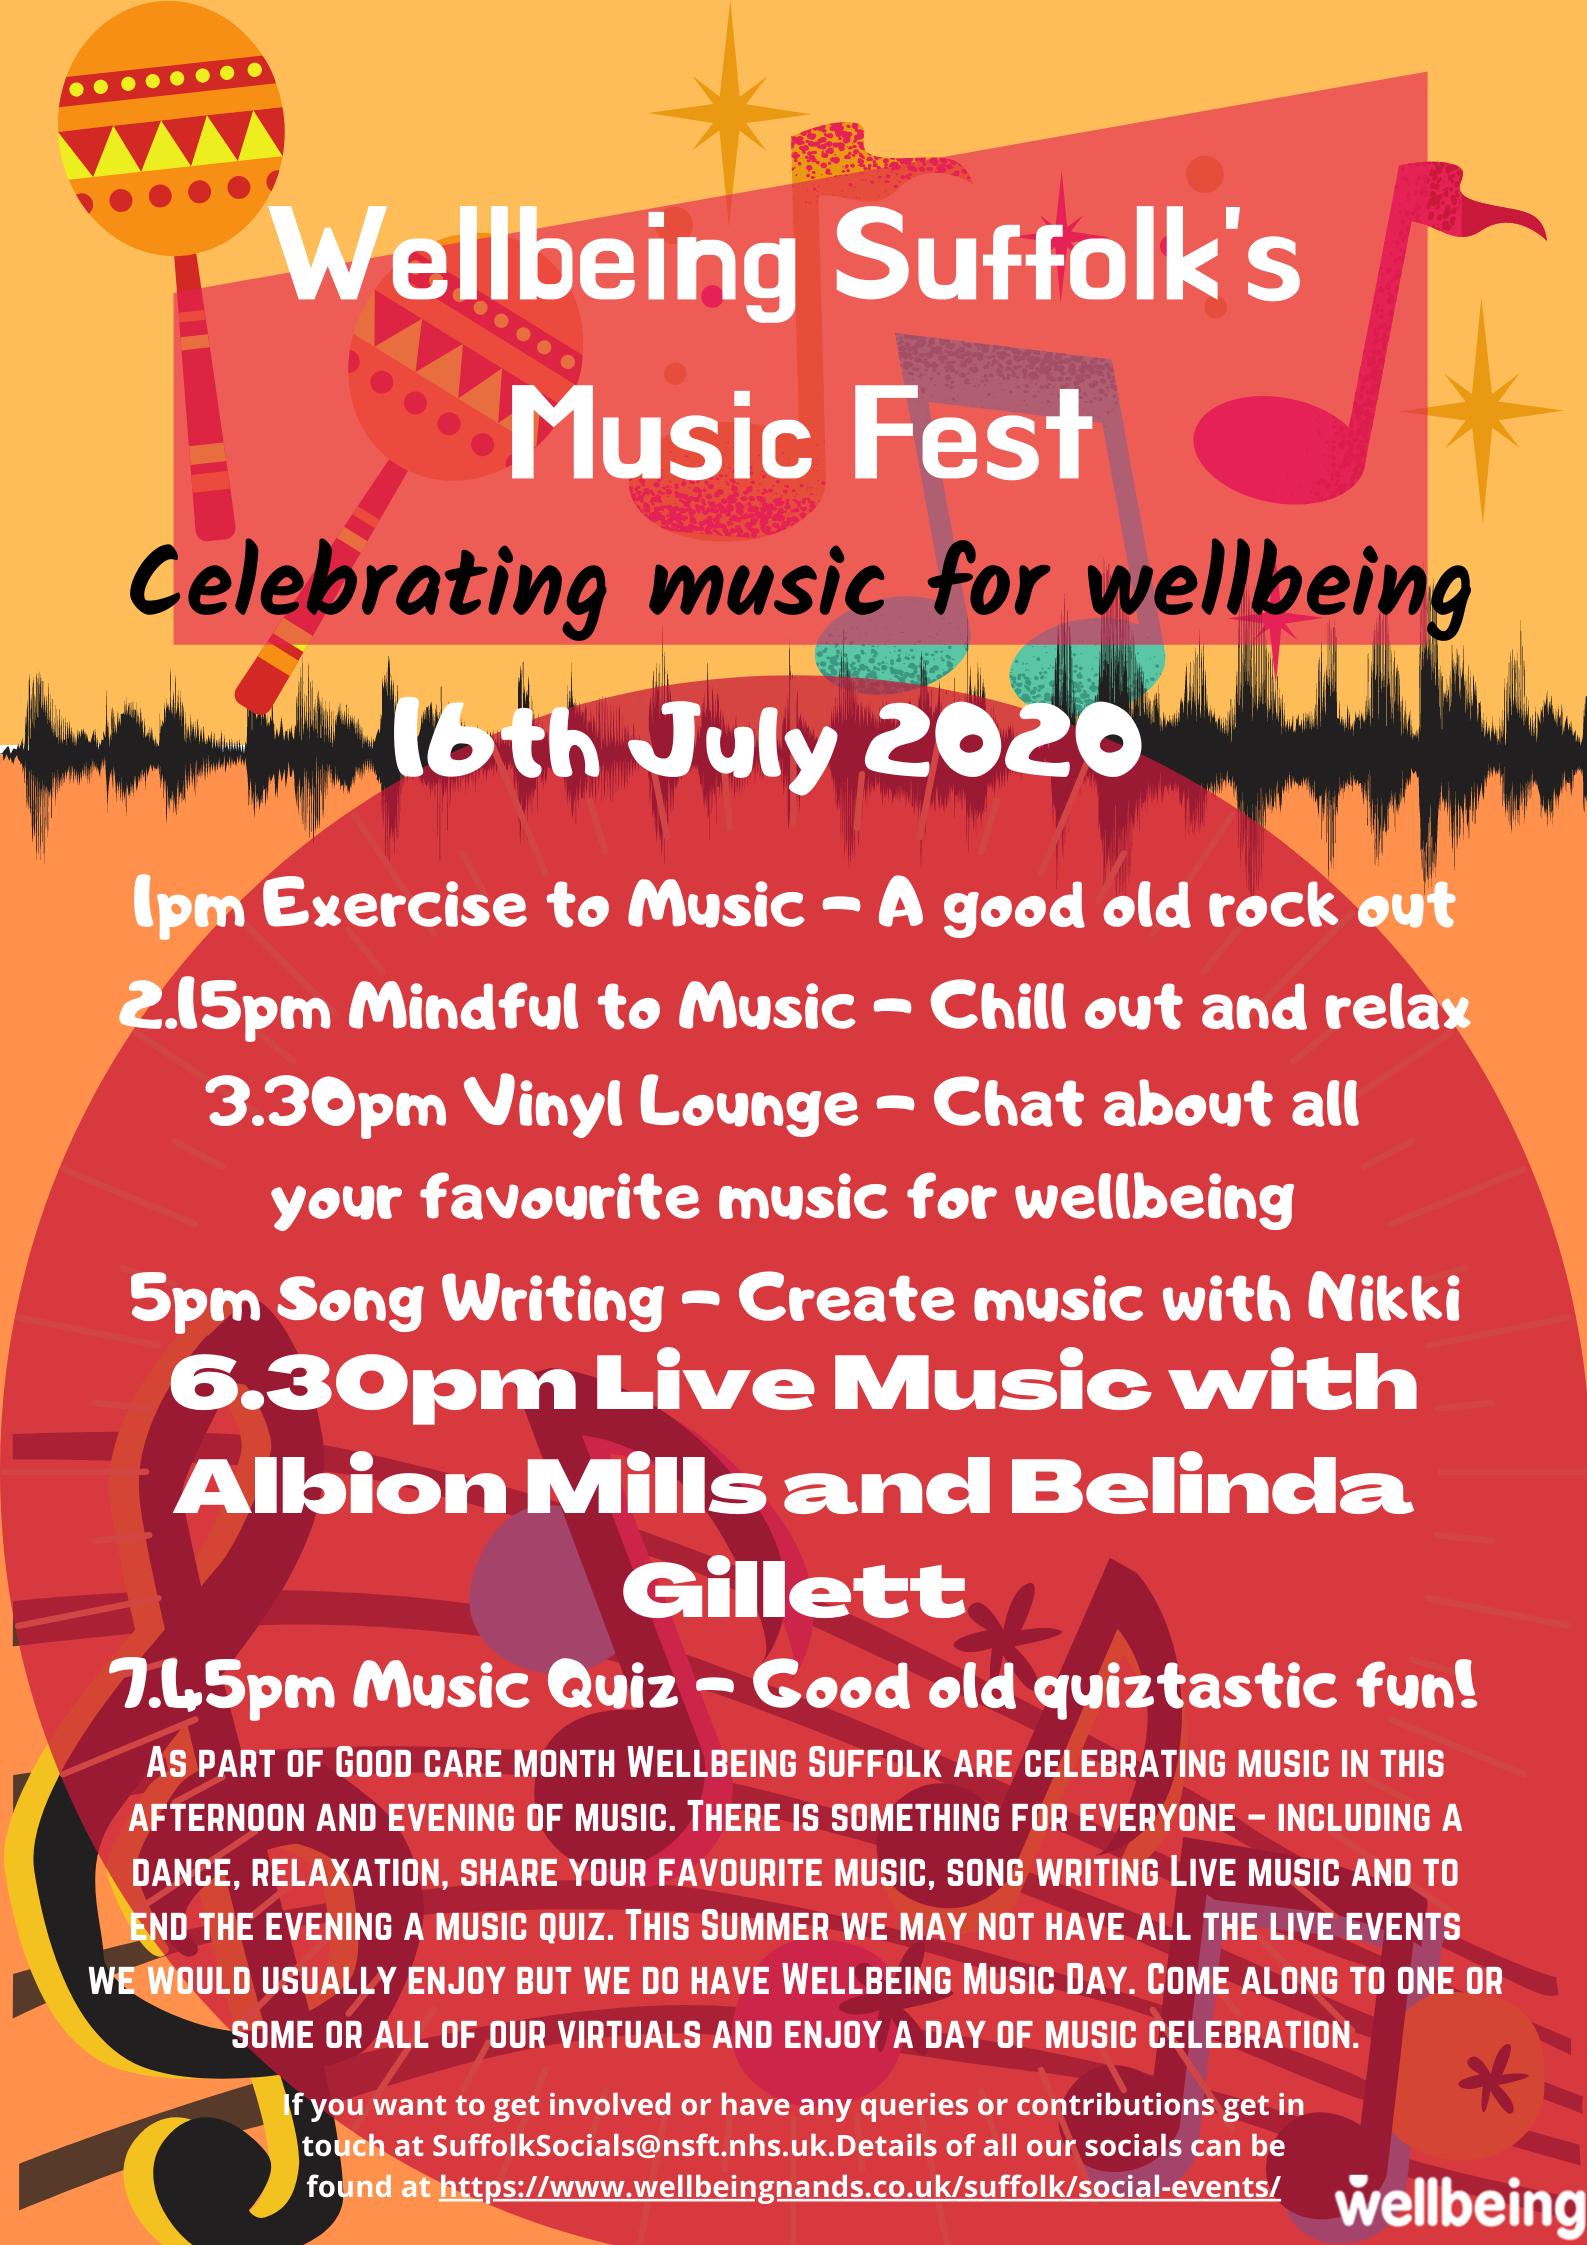 Wellbeing Suffolk's Music Fest